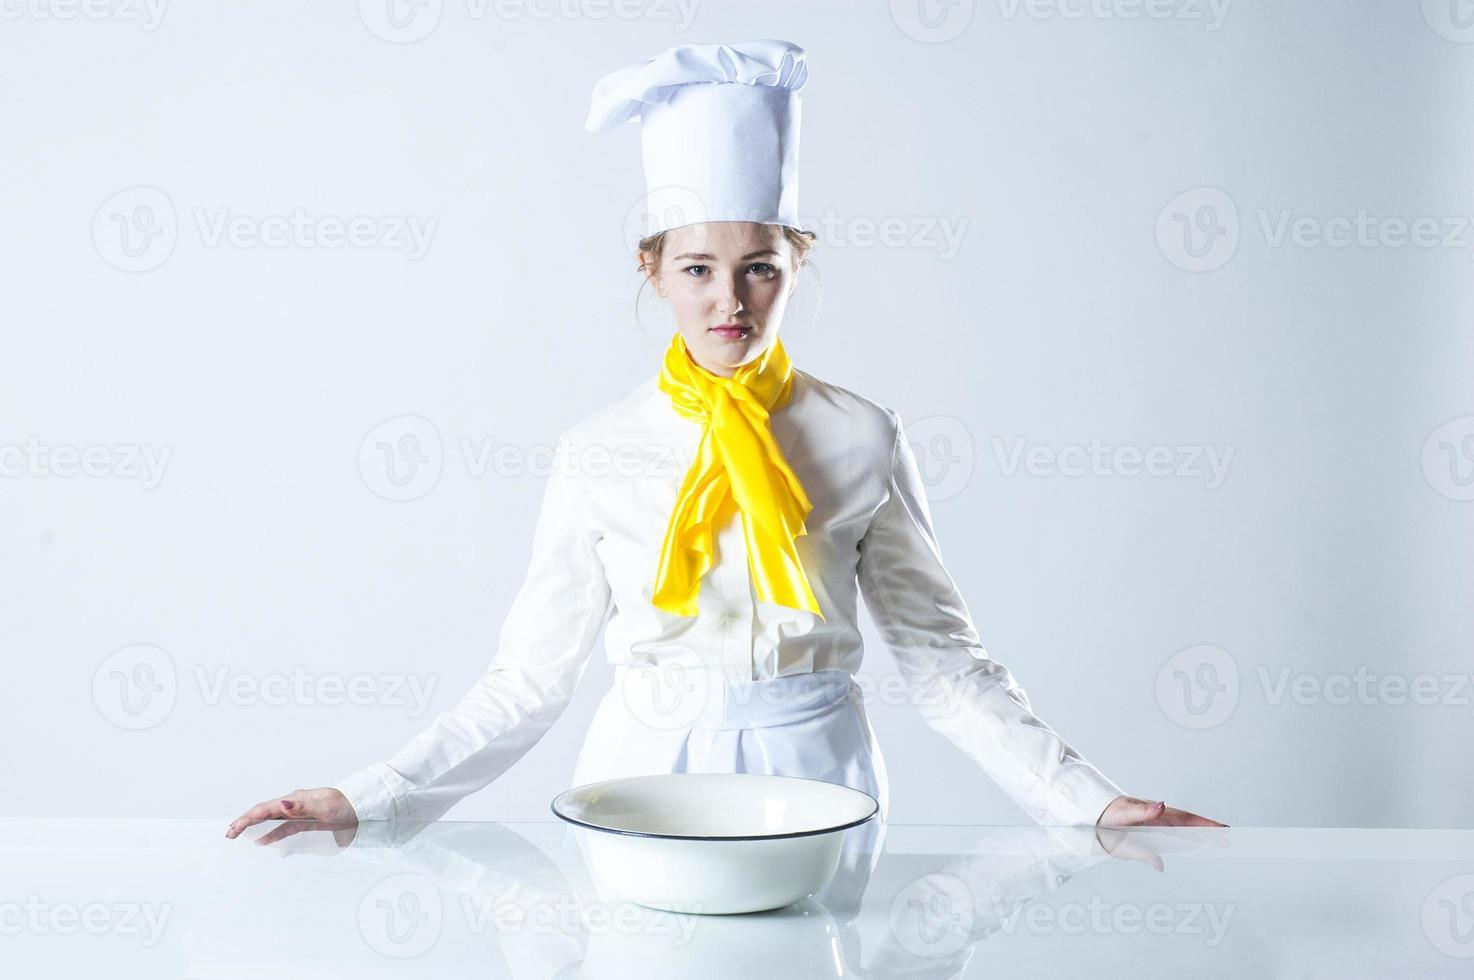 cozinheiro focado foto